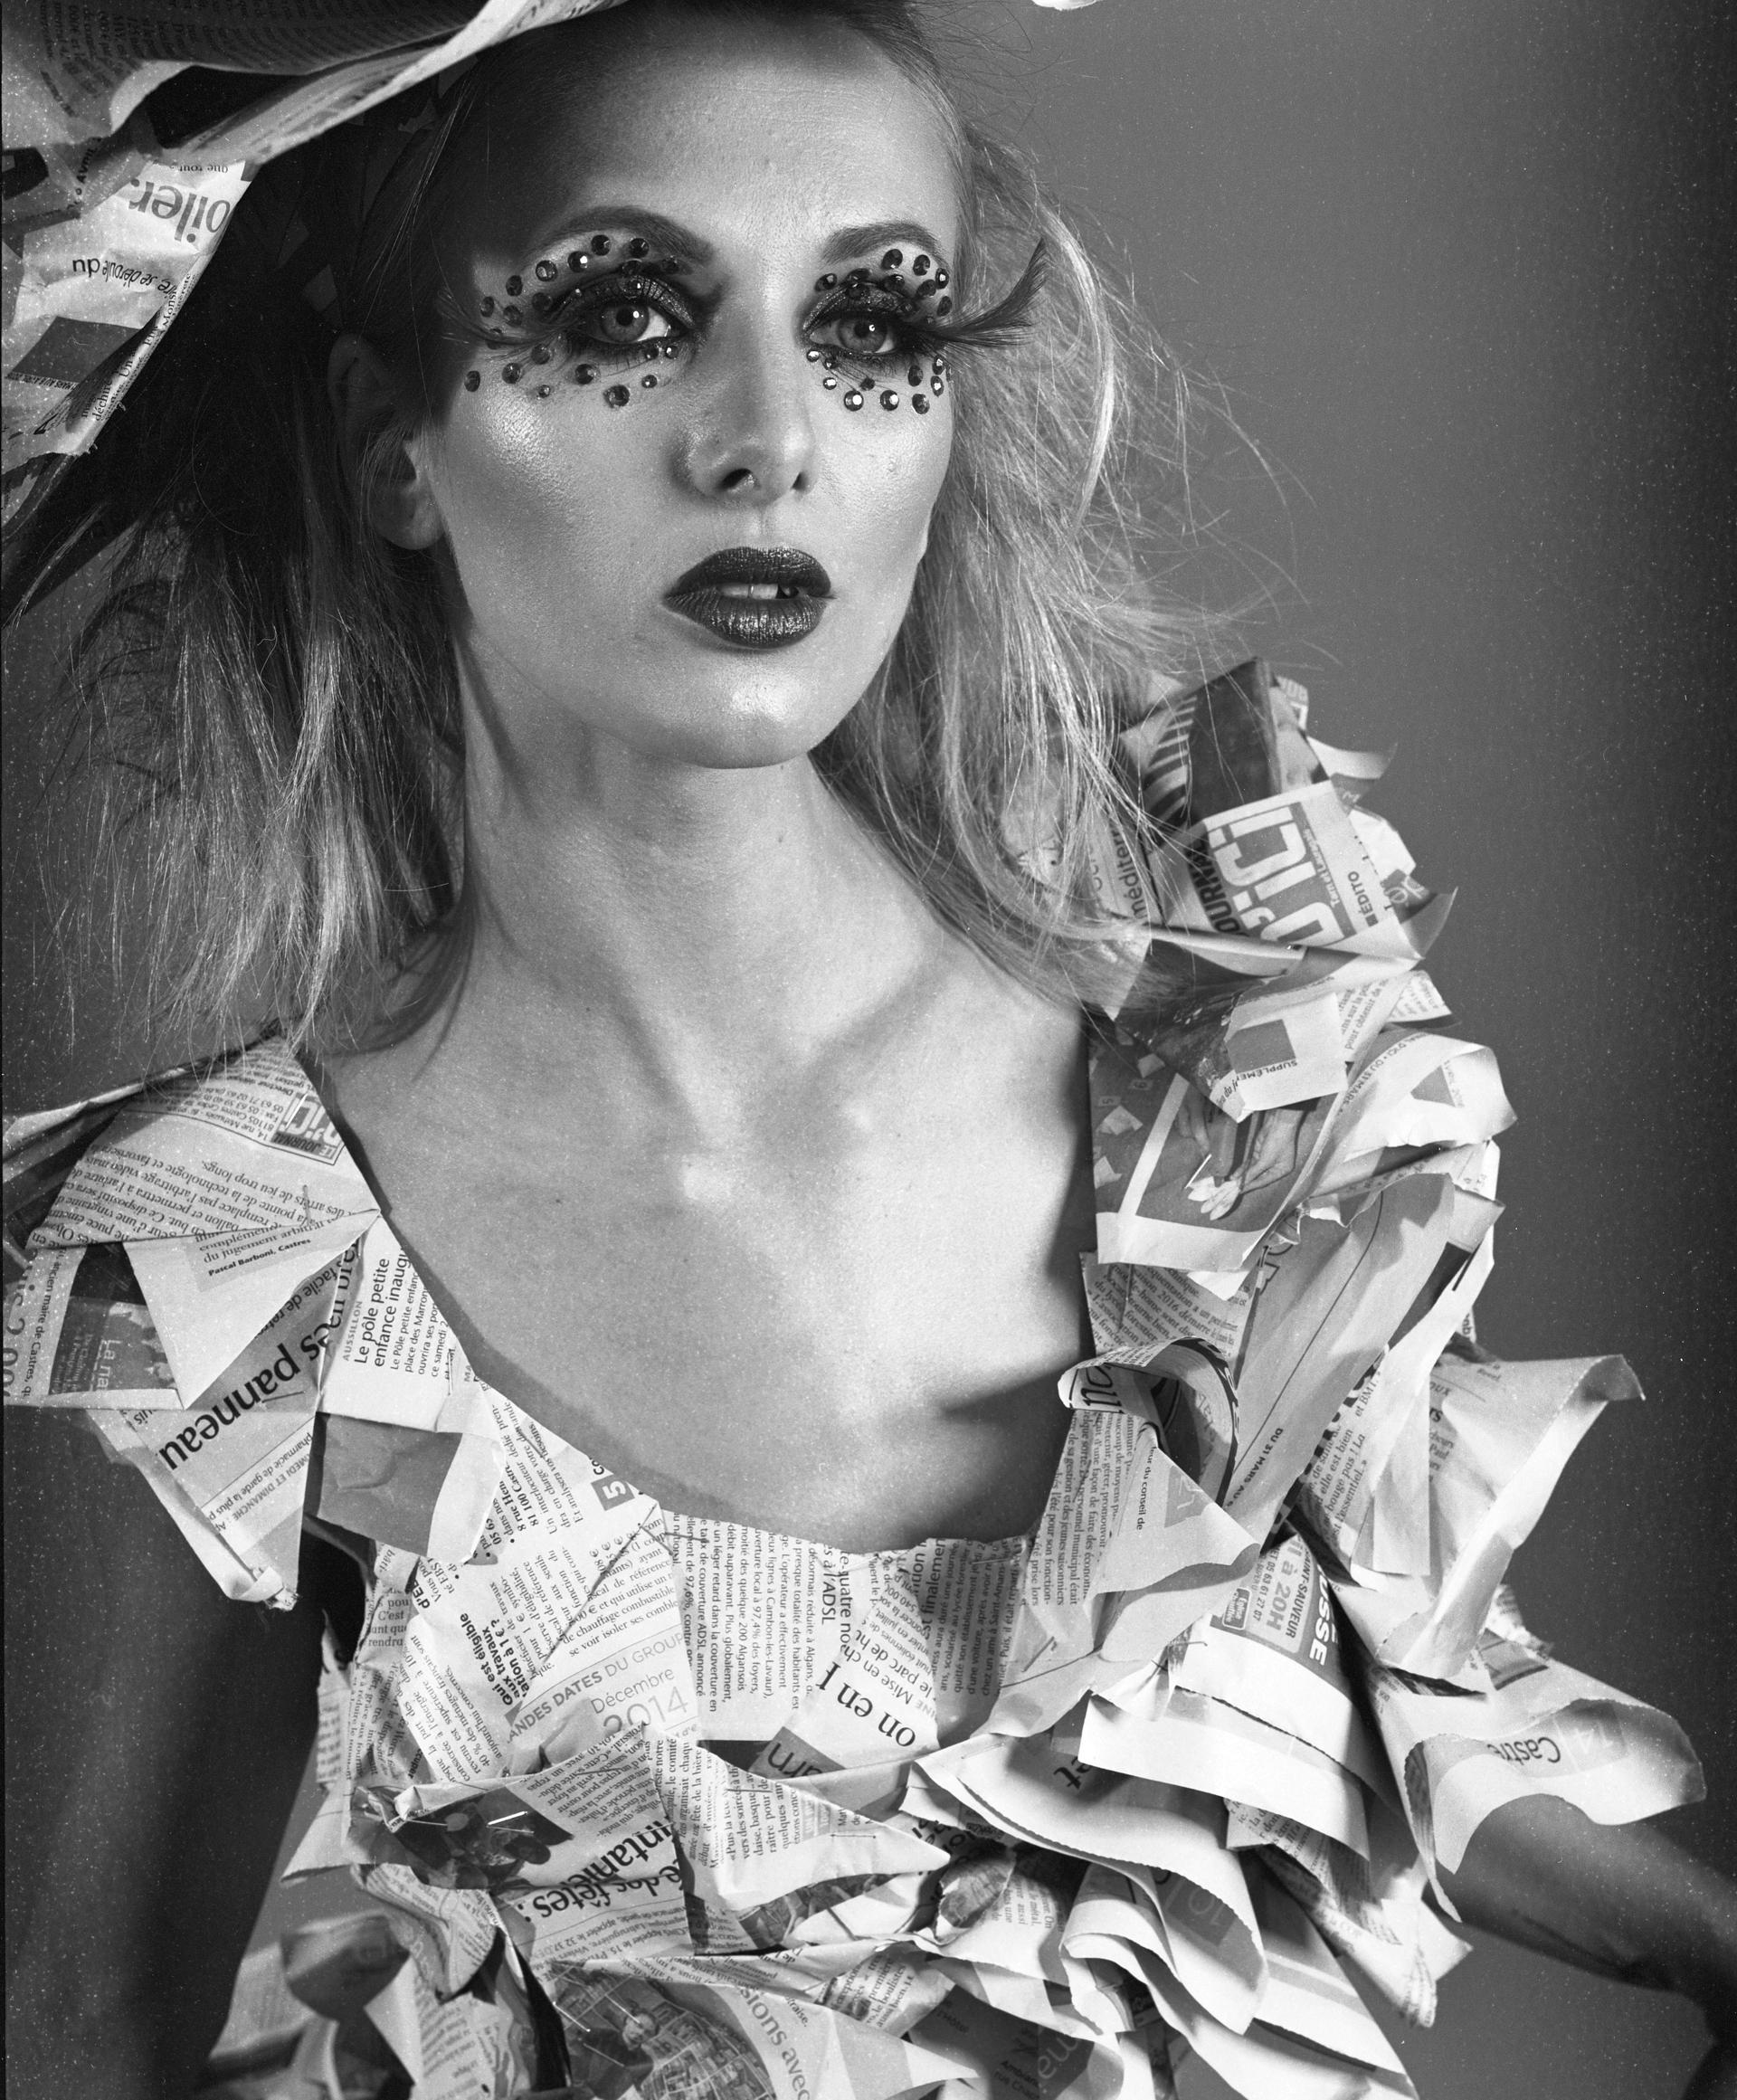 La Mode, Com | Copyright © David Allen